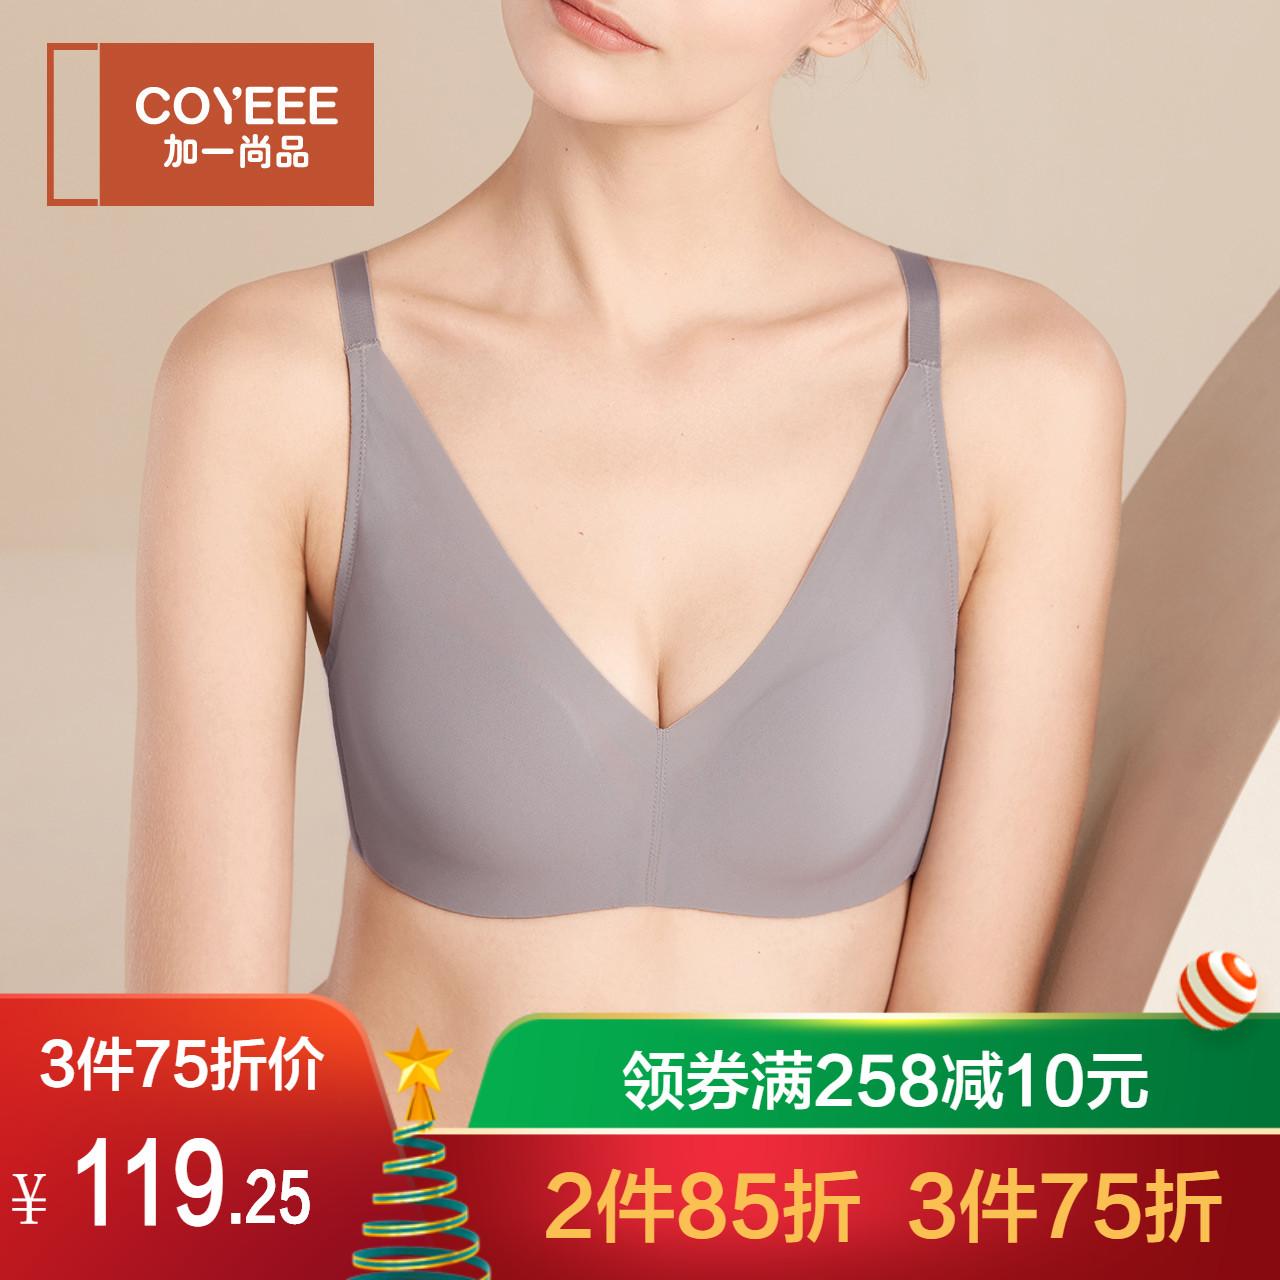 加一尚品无痕内衣女厚薄款无钢圈隐形性感聚拢文胸收副乳上托胸罩